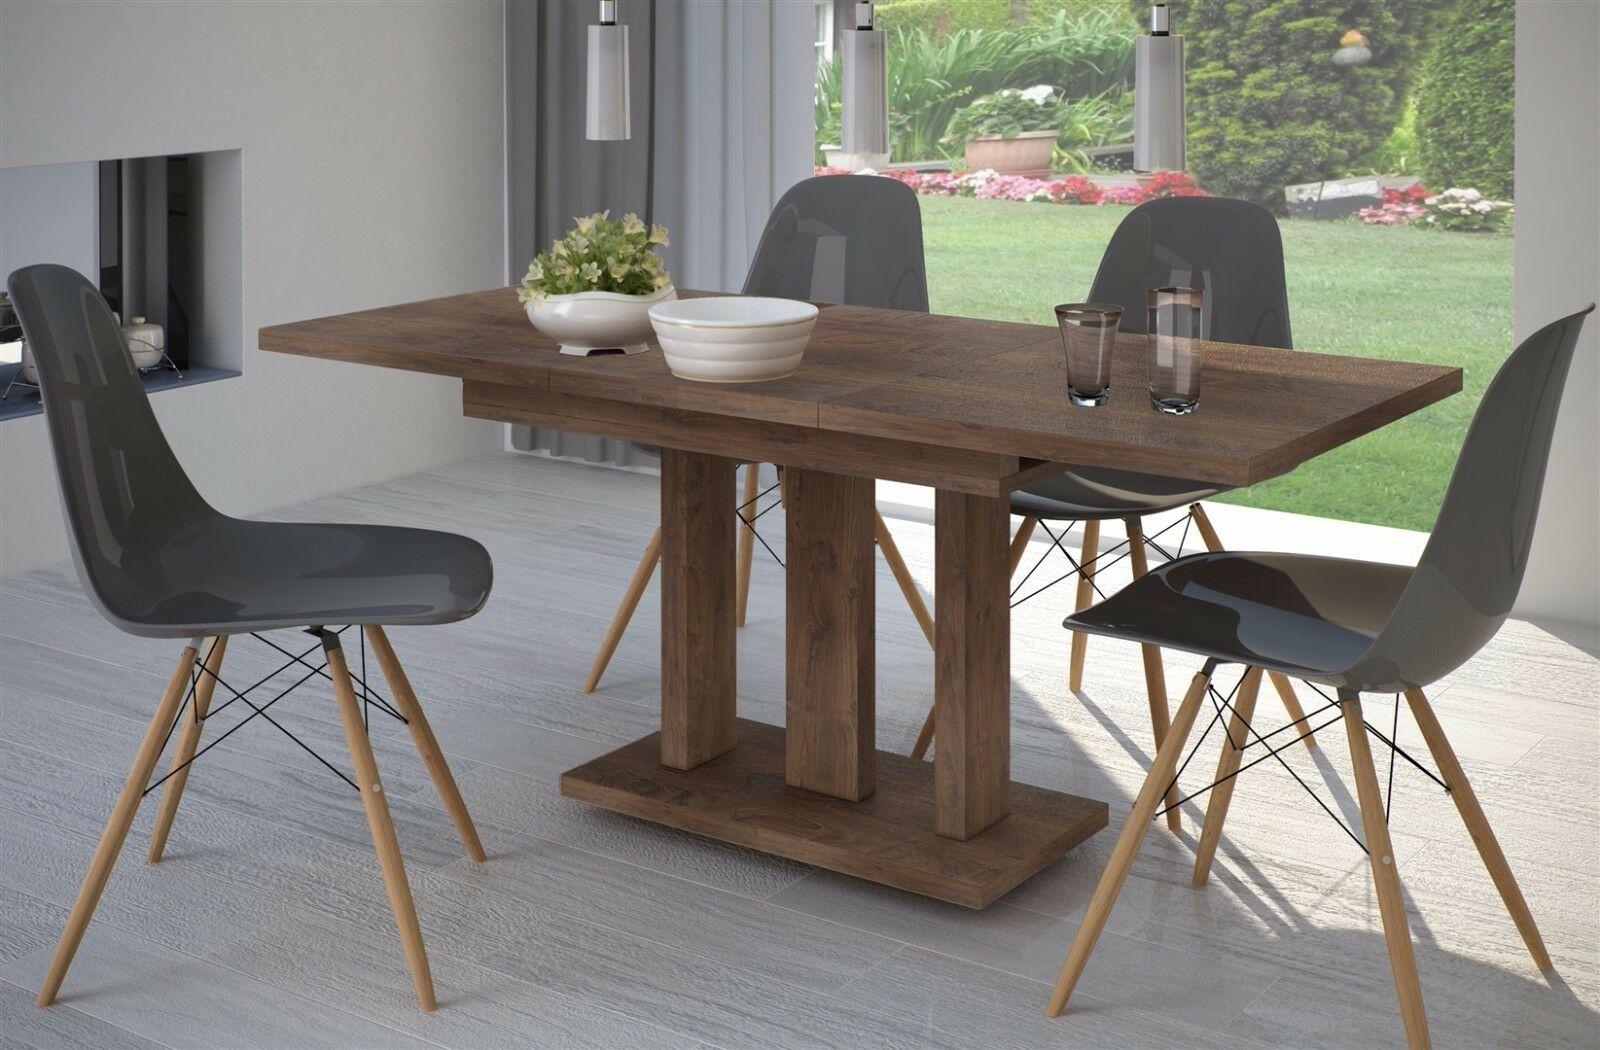 Säulentisch Nußbaum Esstisch Ausziehbar Holz Auszugtisch Modern Design  Günstig